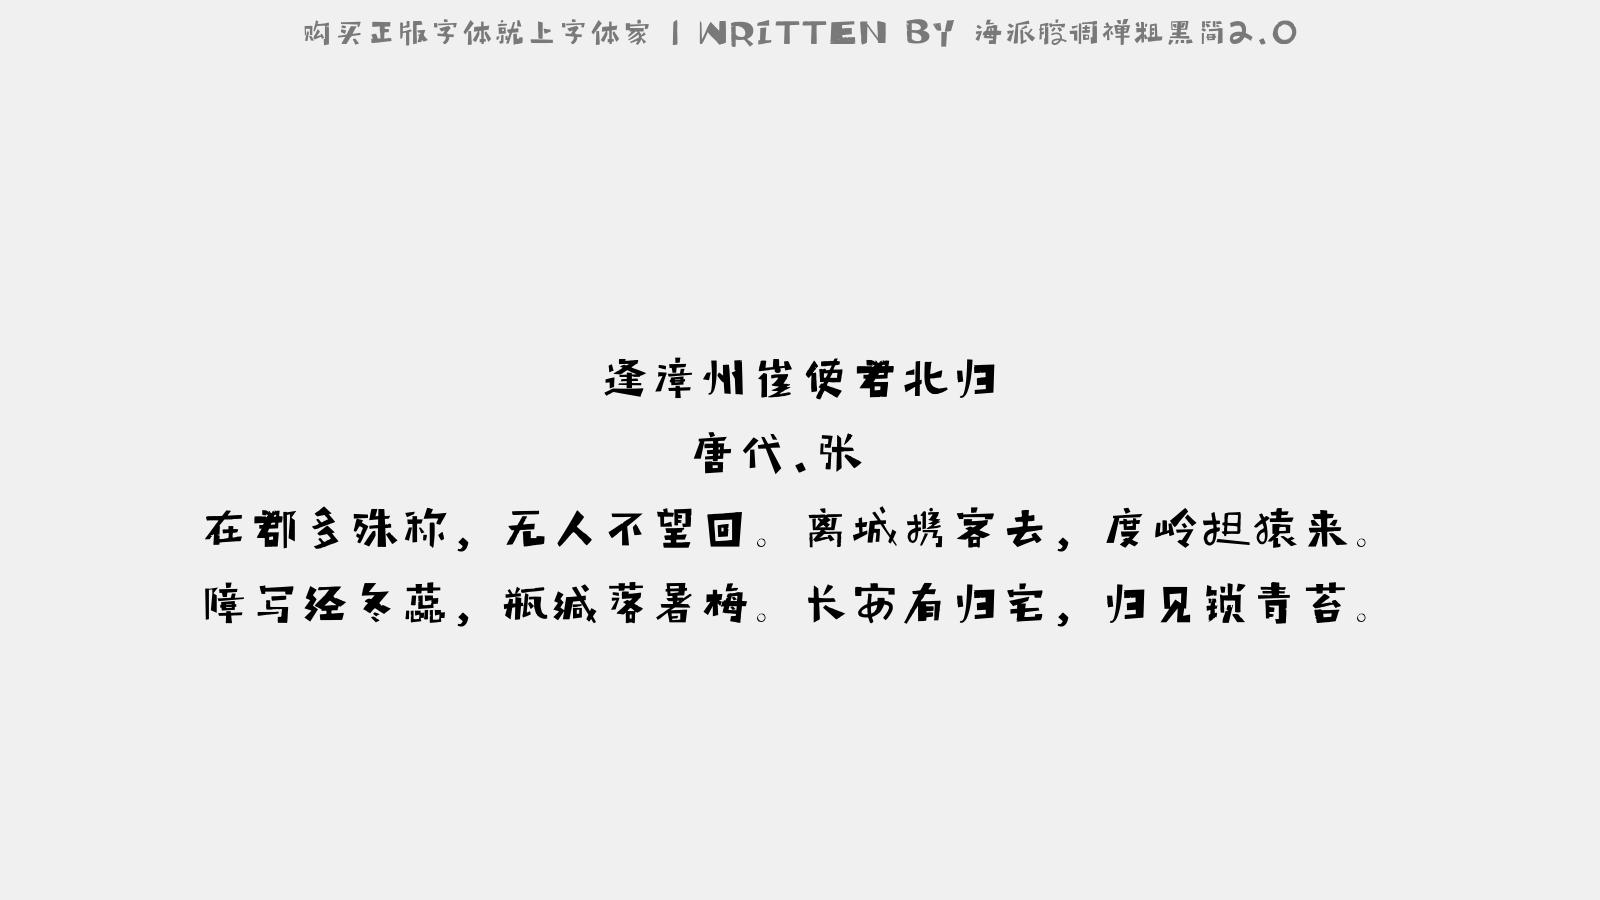 九阴碧禅衫效果_海派腔调禅粗黑简2.0免费字体下载 - 中文字体免费下载尽在字体家